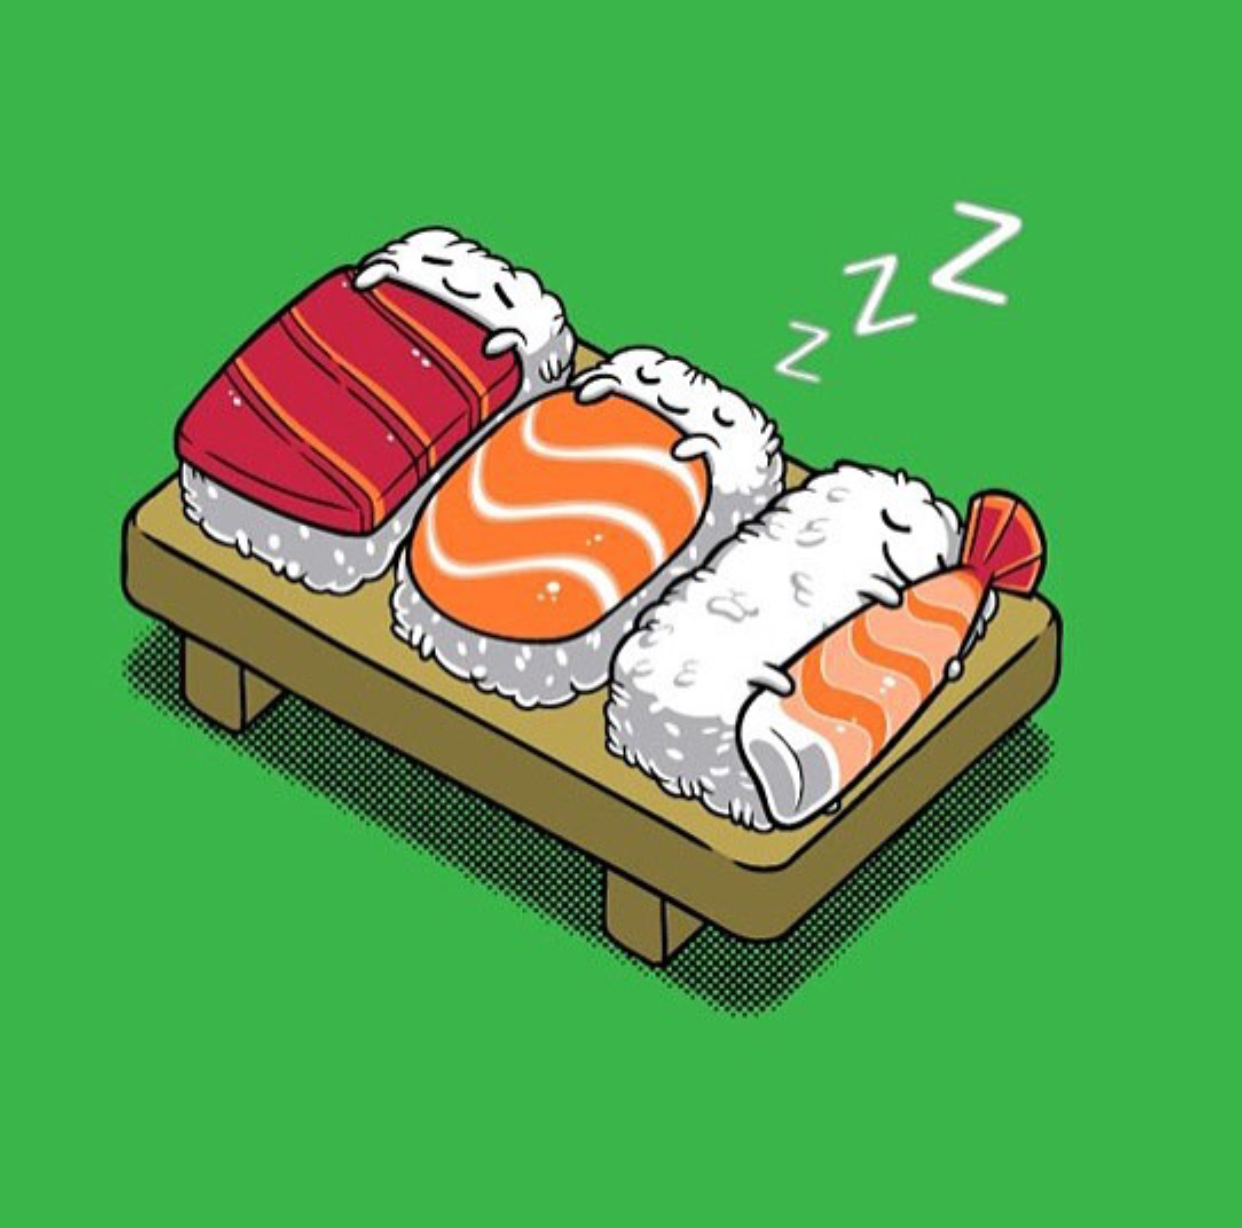 Eat Em Don't Wake Em